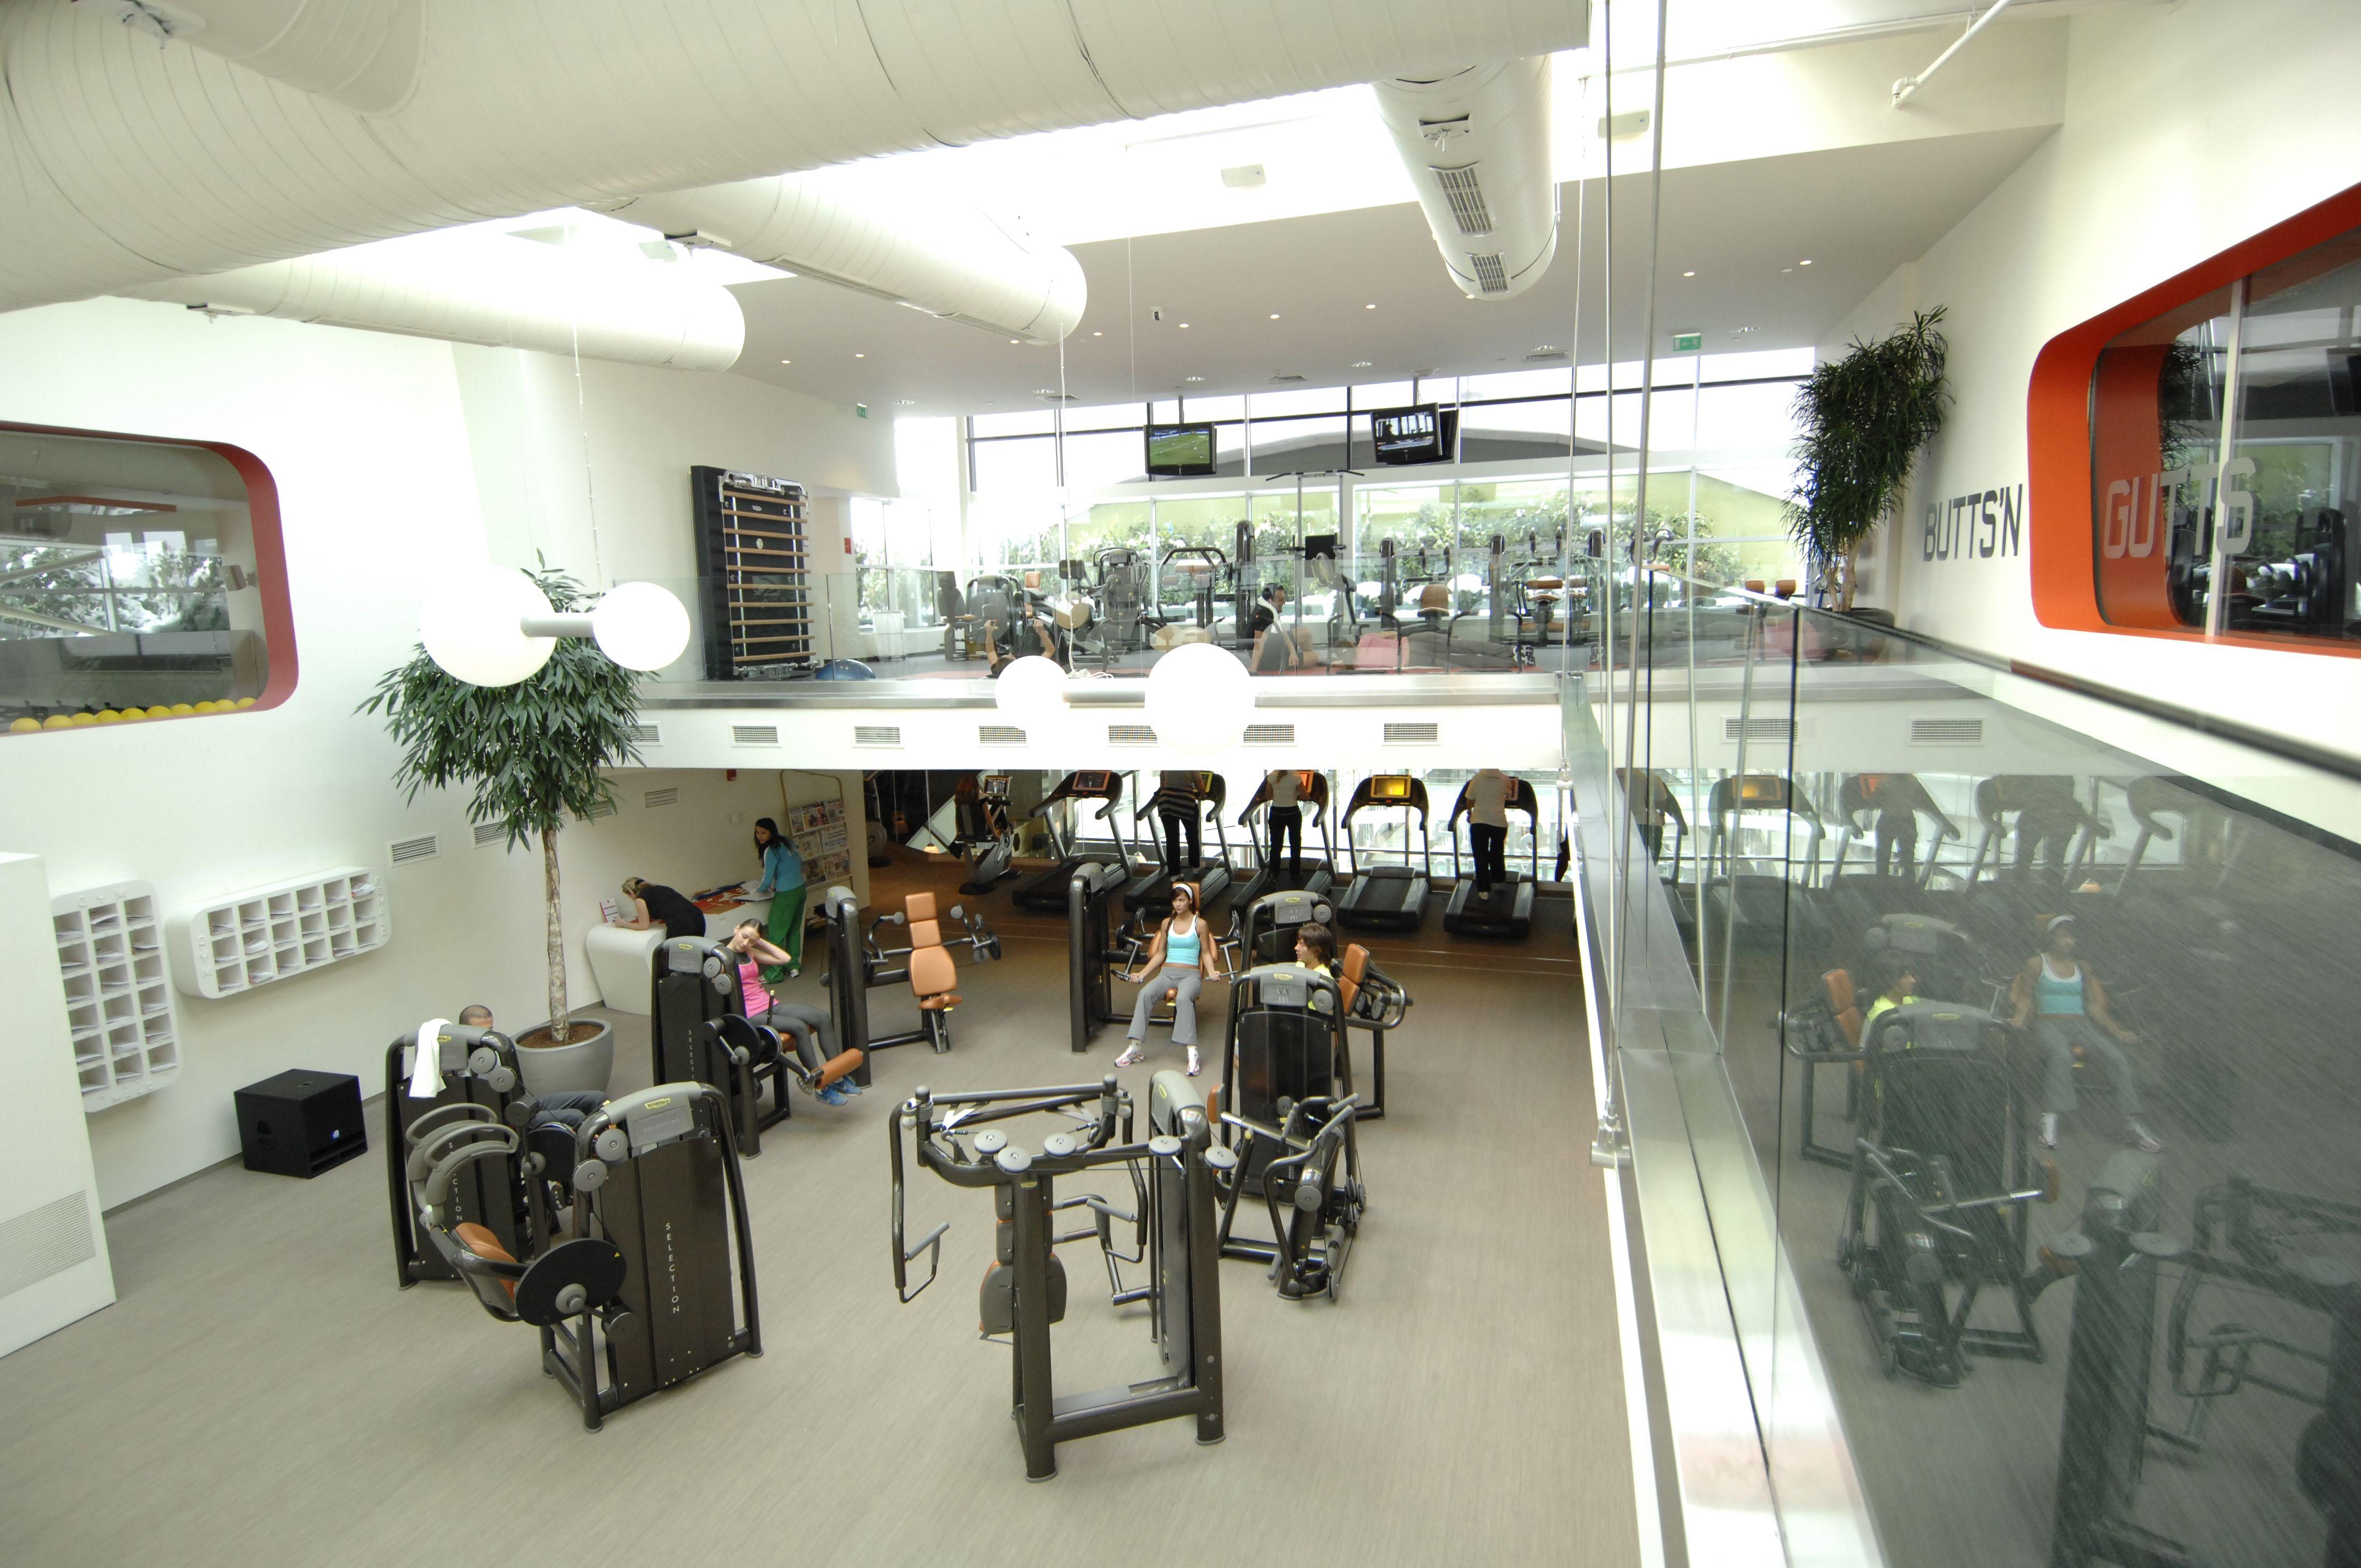 İstinye express gym